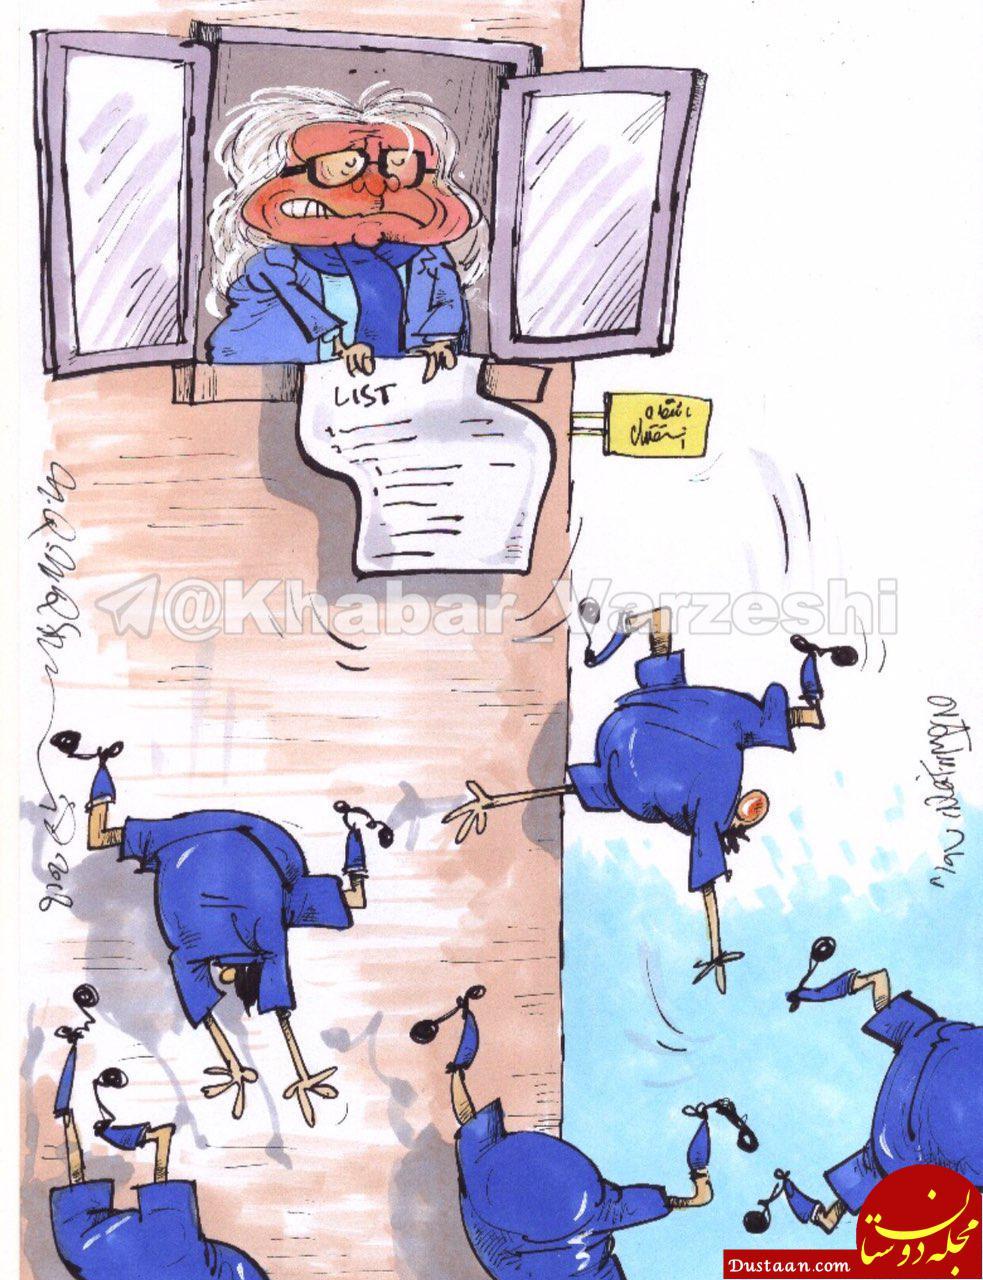 www.dustaan.com پنج استقلالی در لیست مازاد شفر! +عکس